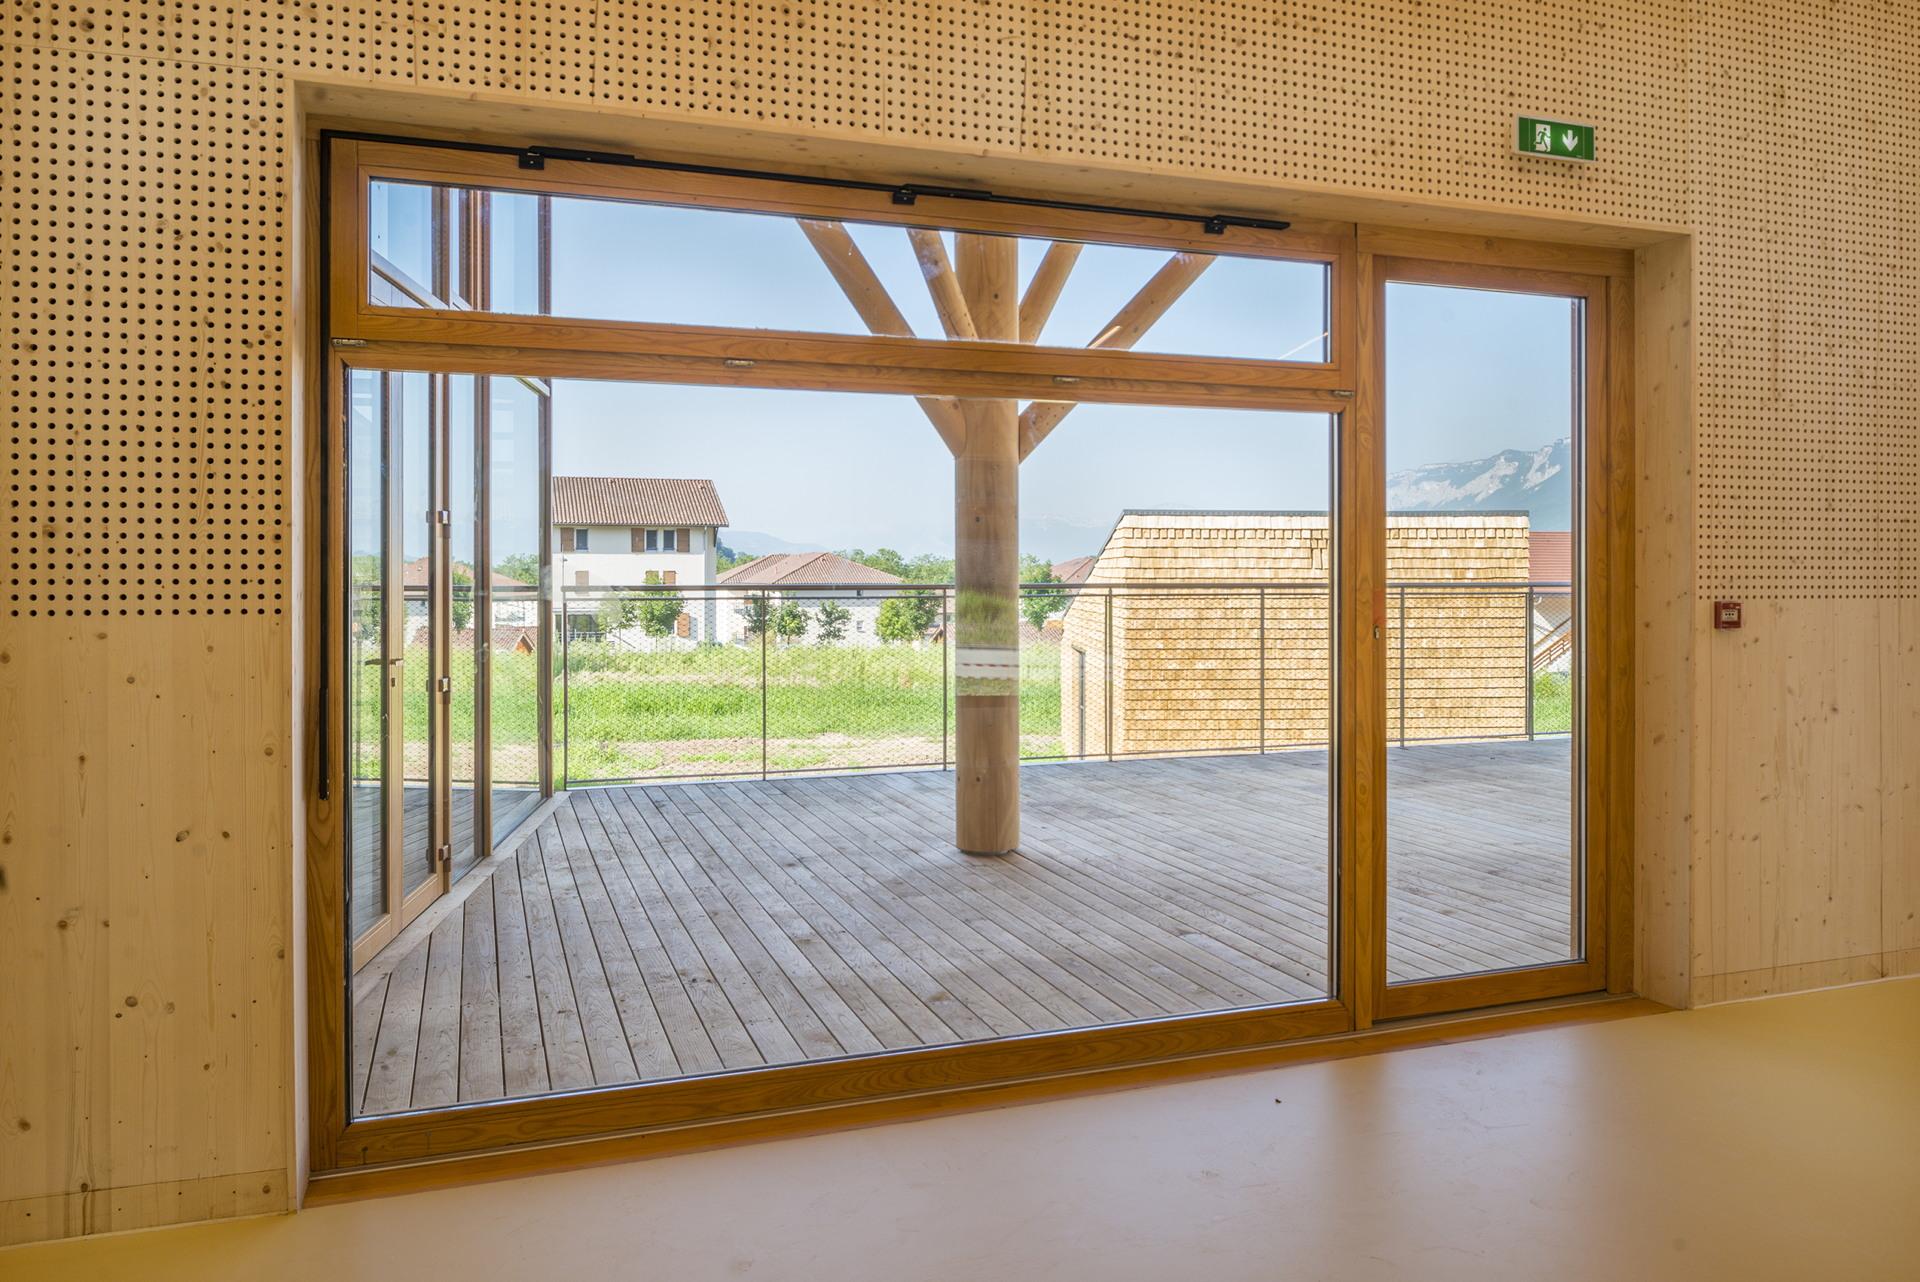 r2k architectes relais d 39 assistance maternelle a tencin francia floornature. Black Bedroom Furniture Sets. Home Design Ideas